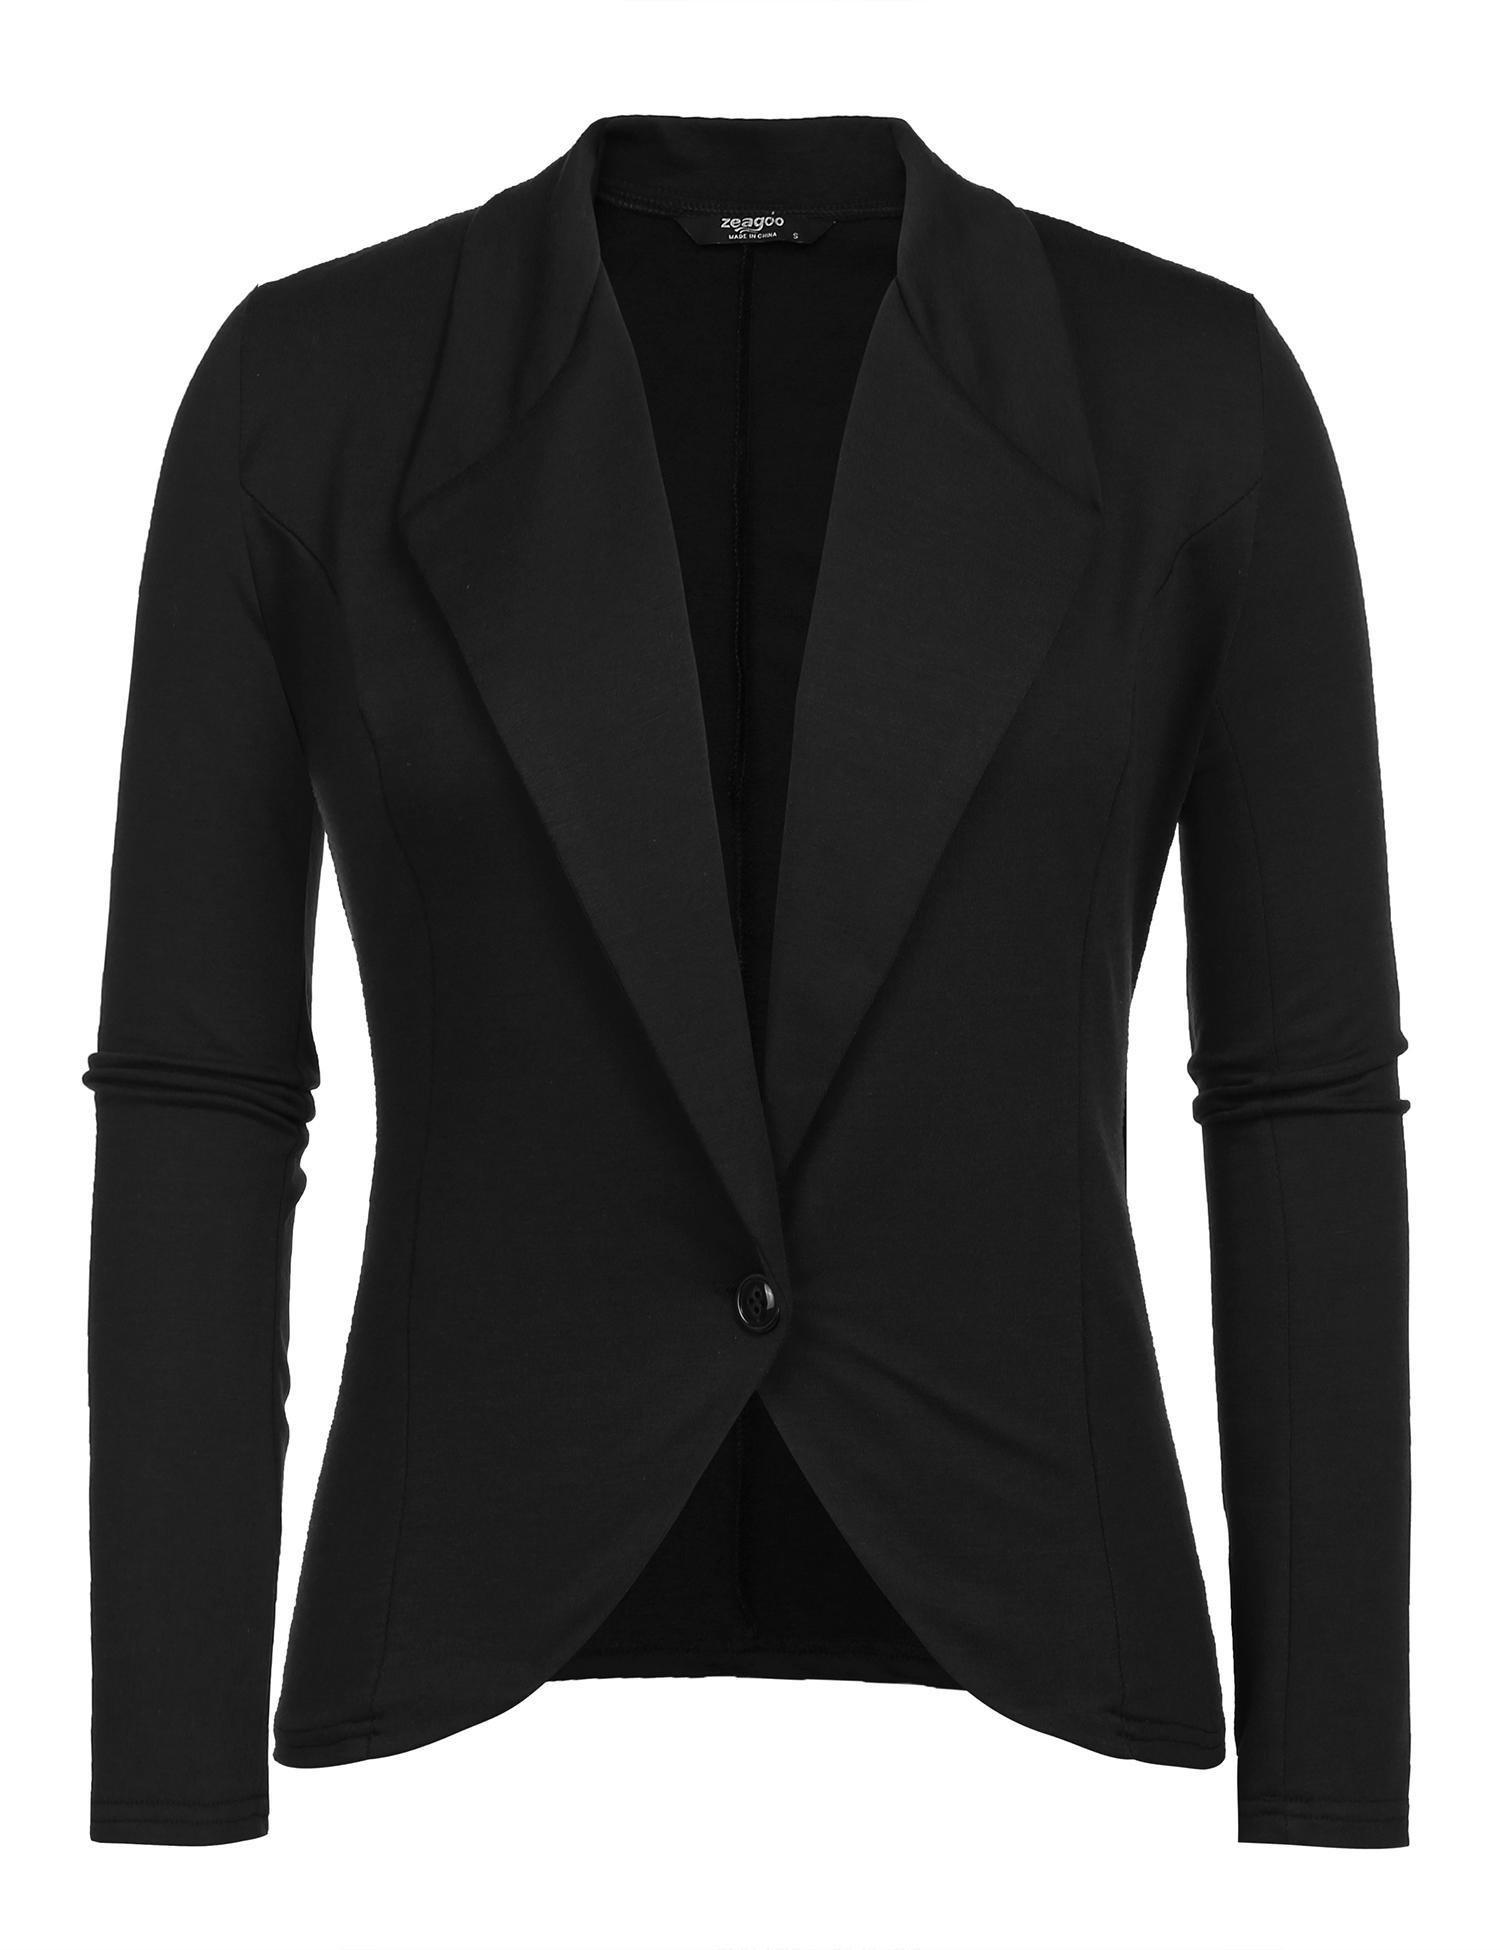 Grabsa Women Knit Casual Open Front Draped Lapel Work Office Blazer Jacket